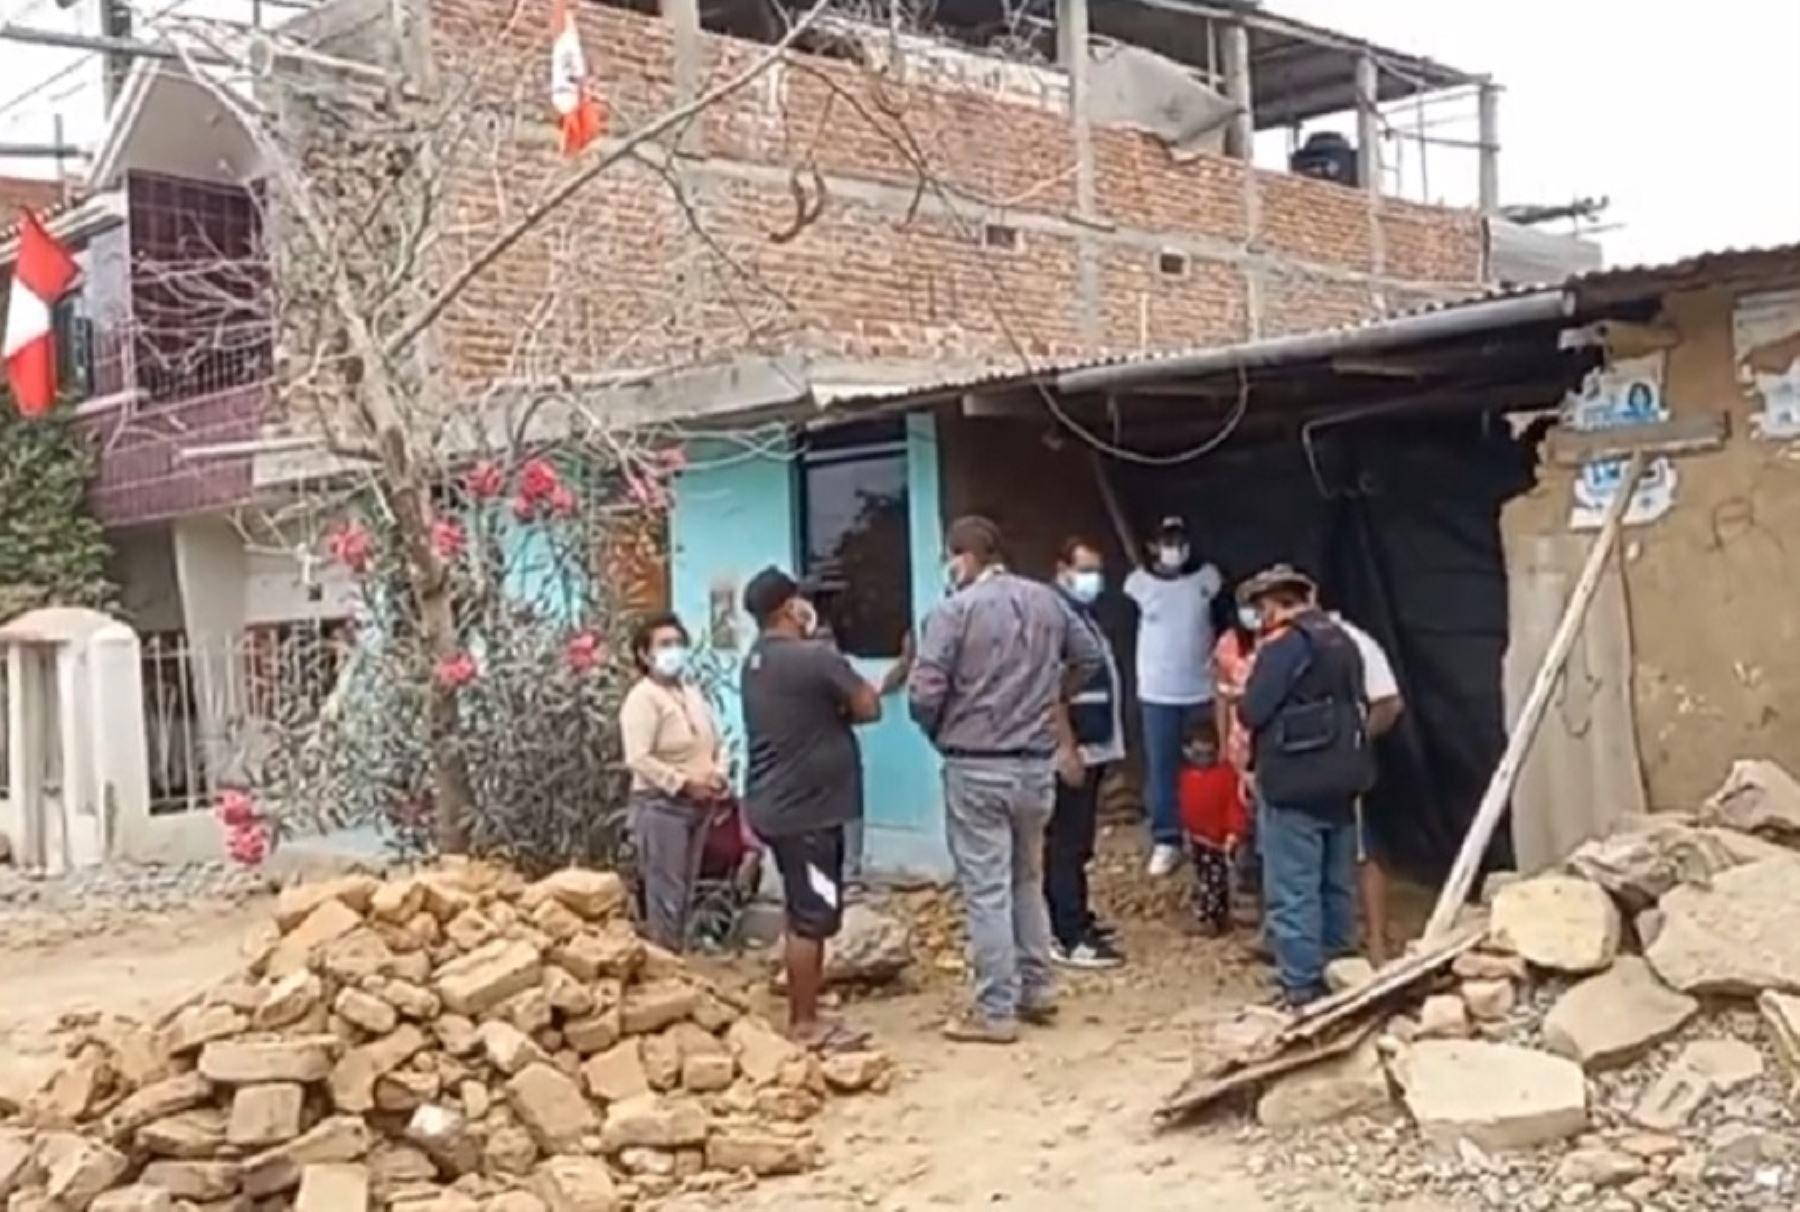 Desde que ocurrió el sismo, el MVCS está ejecutando un plan de acción que permite atender a la población afectada, en un trabajo coordinado con los municipios distritales, el Instituto Nacional de Defensa Civil (Indeci) y el Ejército del Perú.Foto: ANDINA/Difusión.